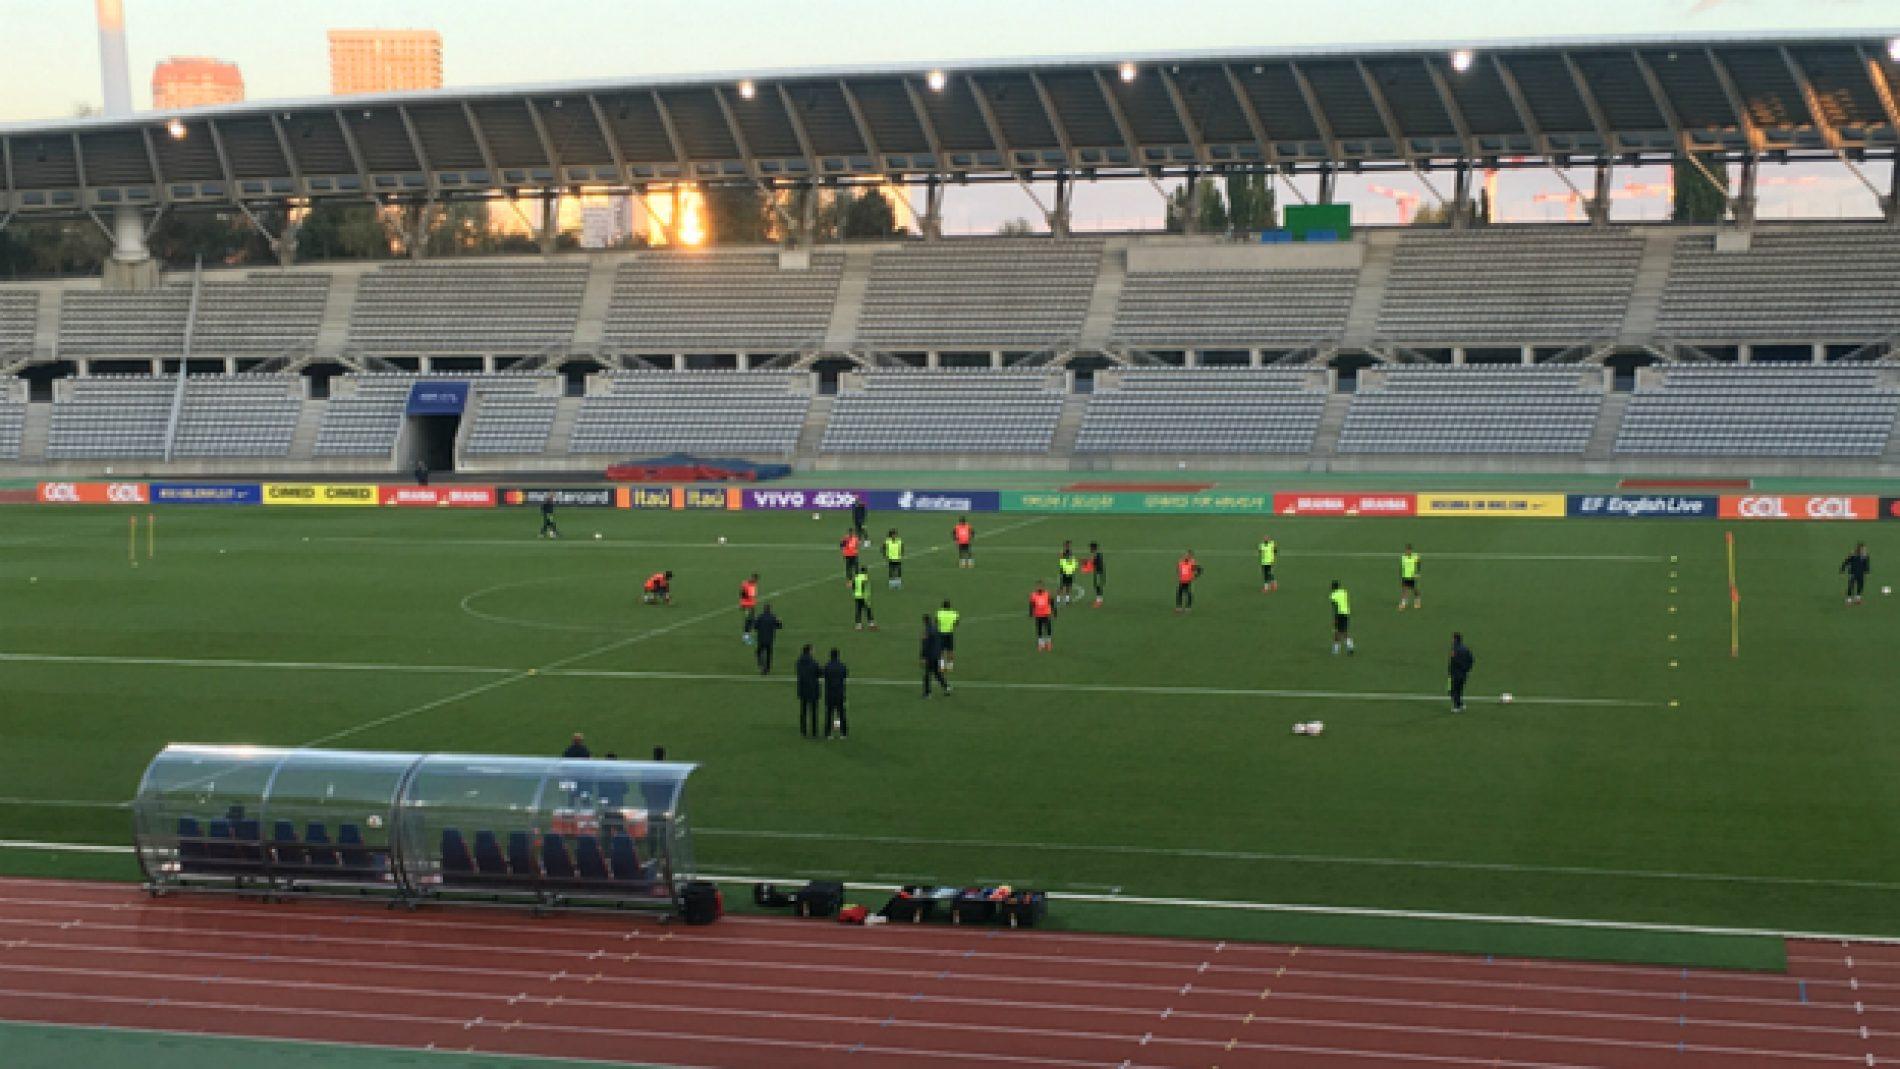 Seleção treina em Paris sem Philippe Coutinho, que deve ficar fora de amistoso